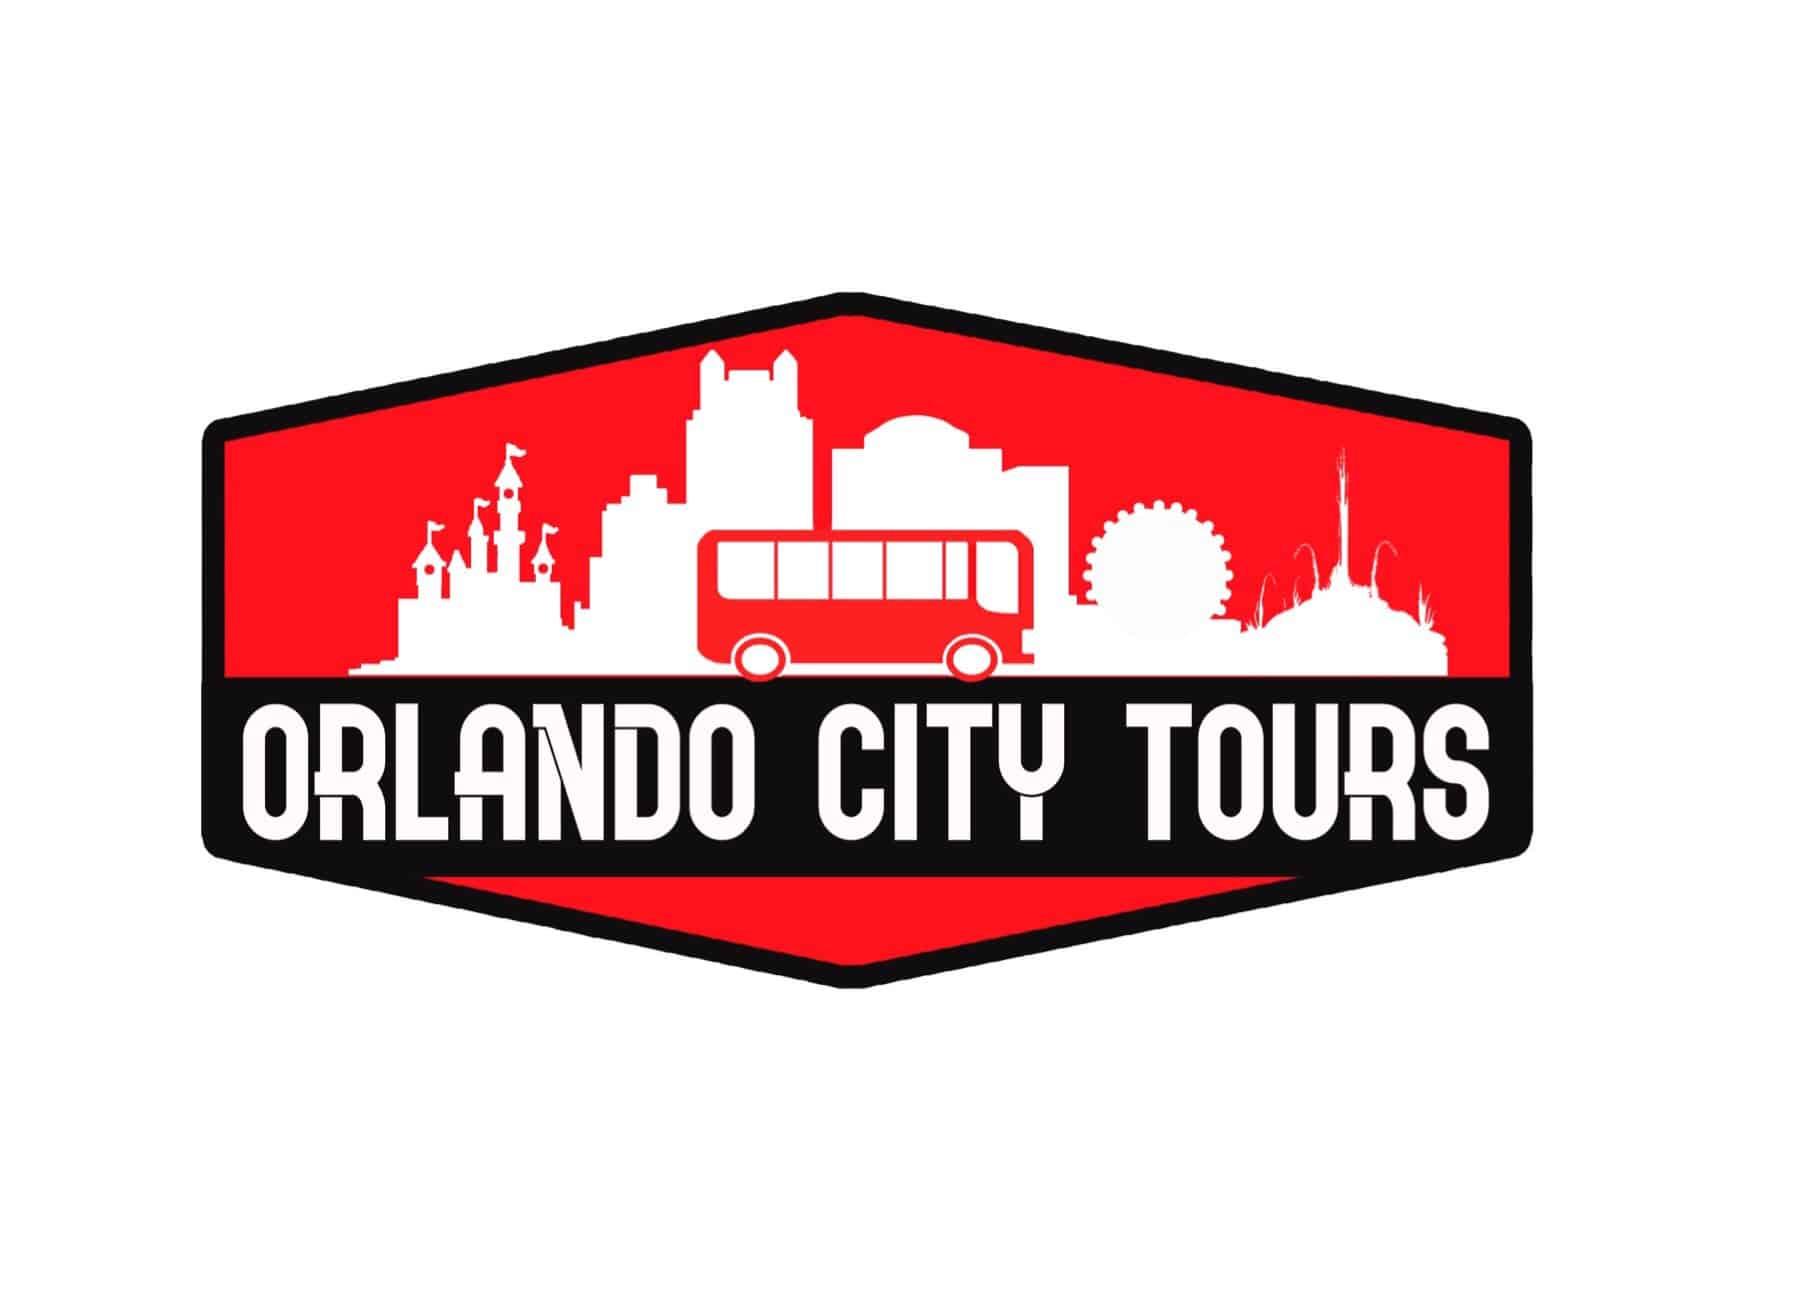 Orlando City Tours